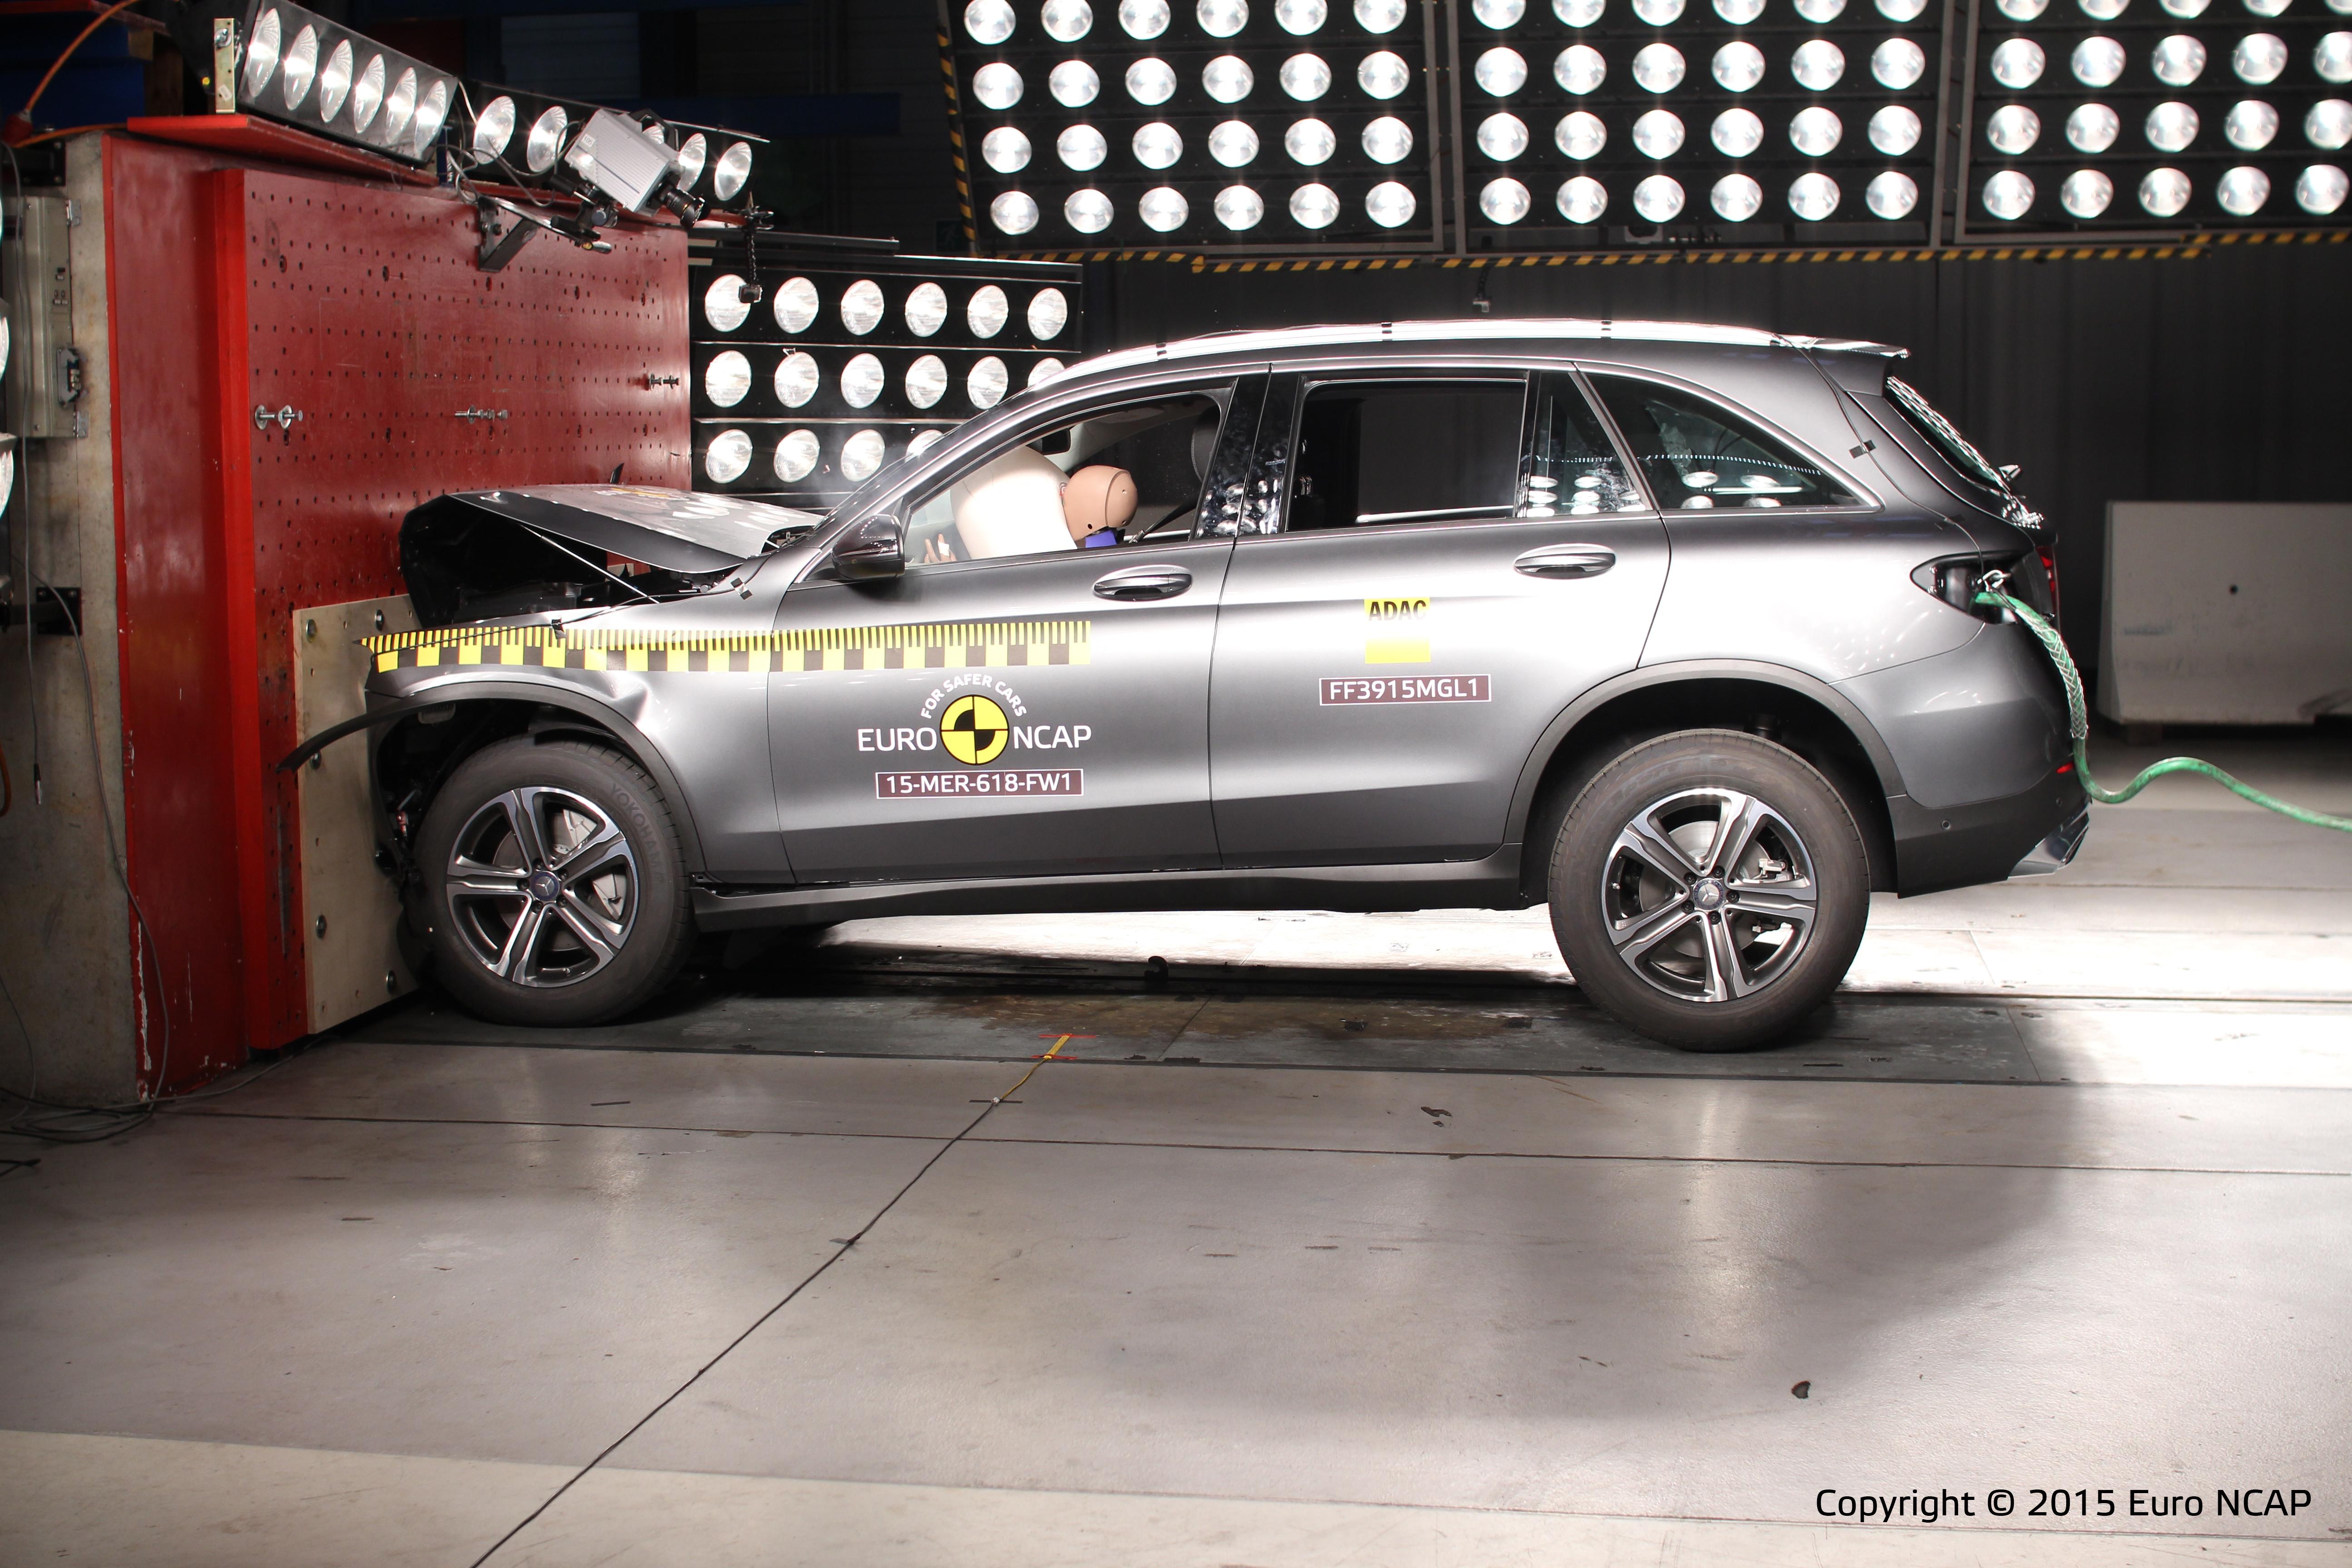 Nadruk op actieve veiligheid bij euro ncap terecht amt for Mercedes benz genuine polar white touch up paint code 149